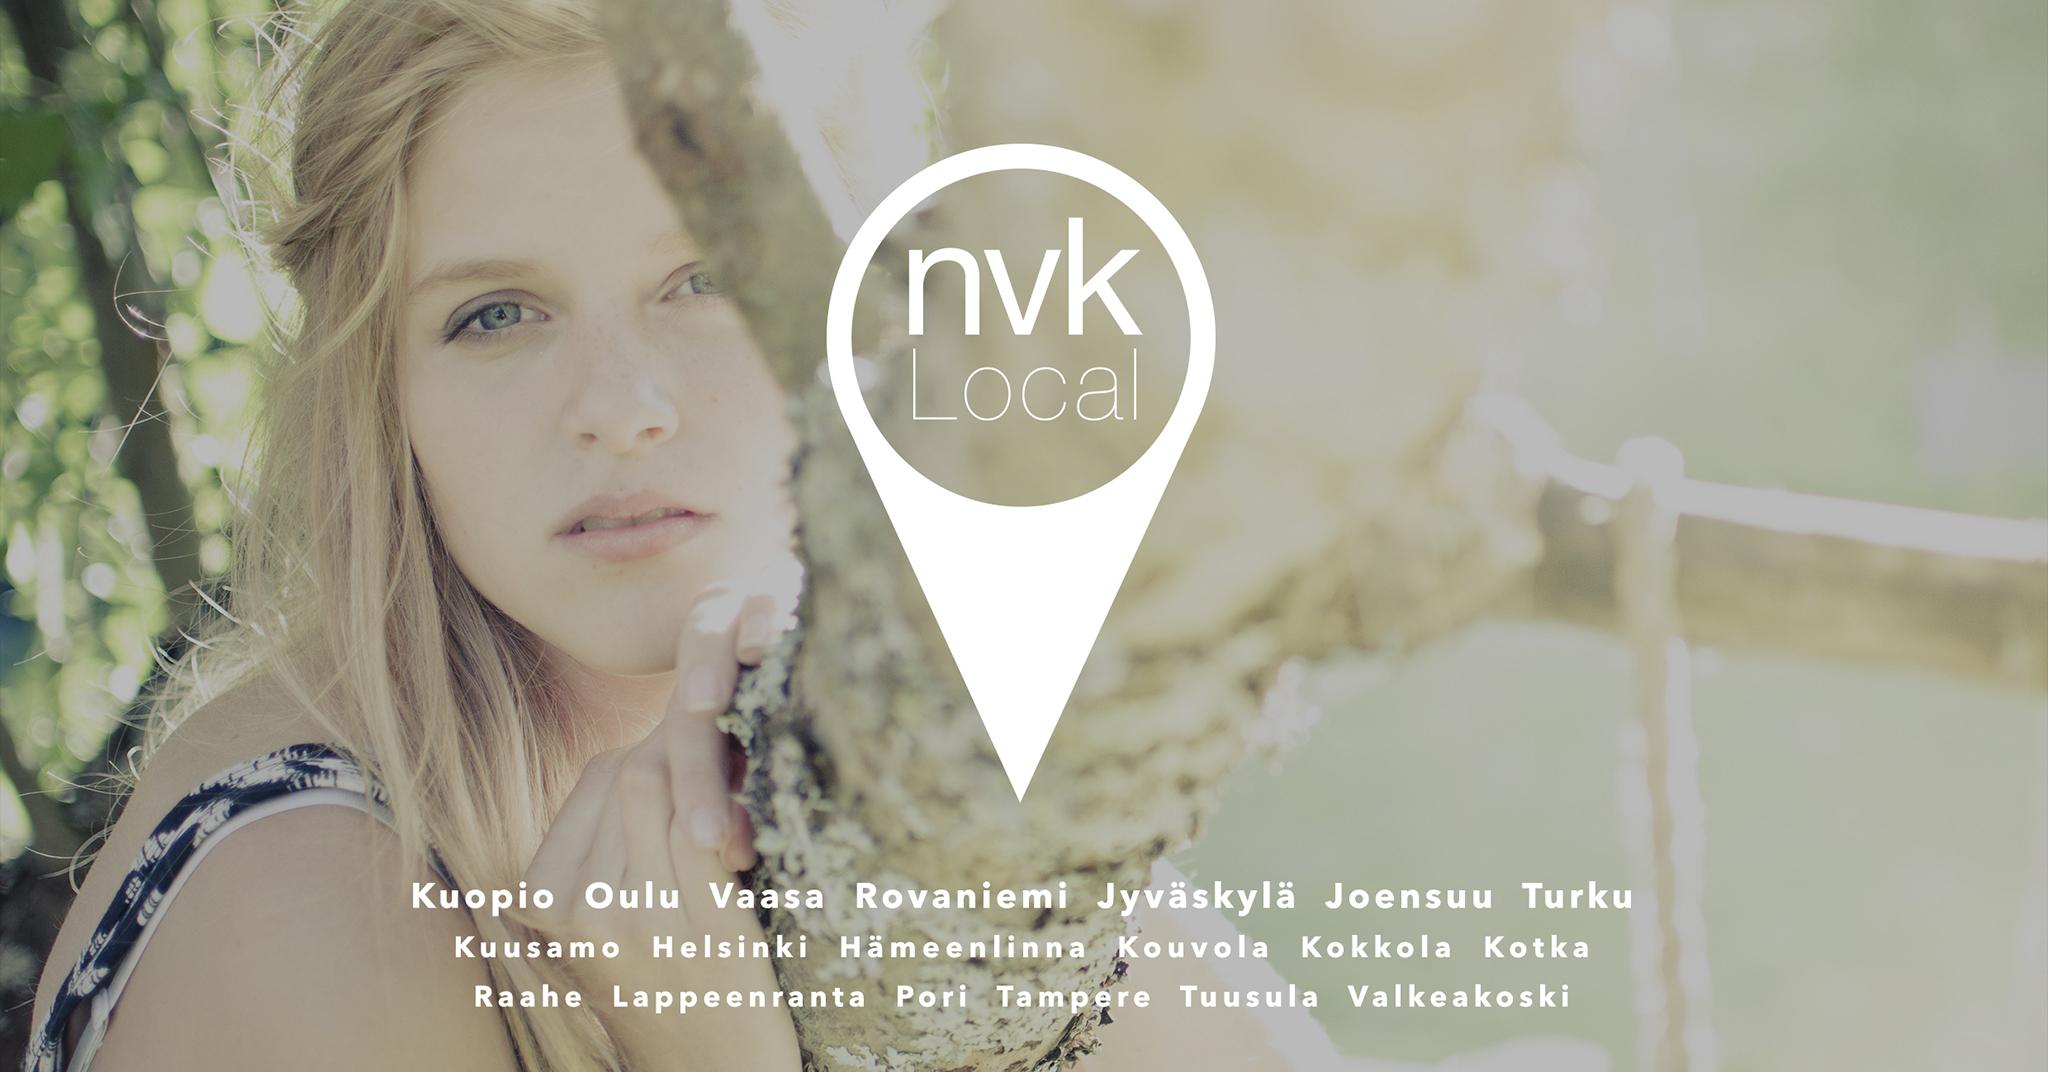 FB_NVK_Local_ohjaajarekry